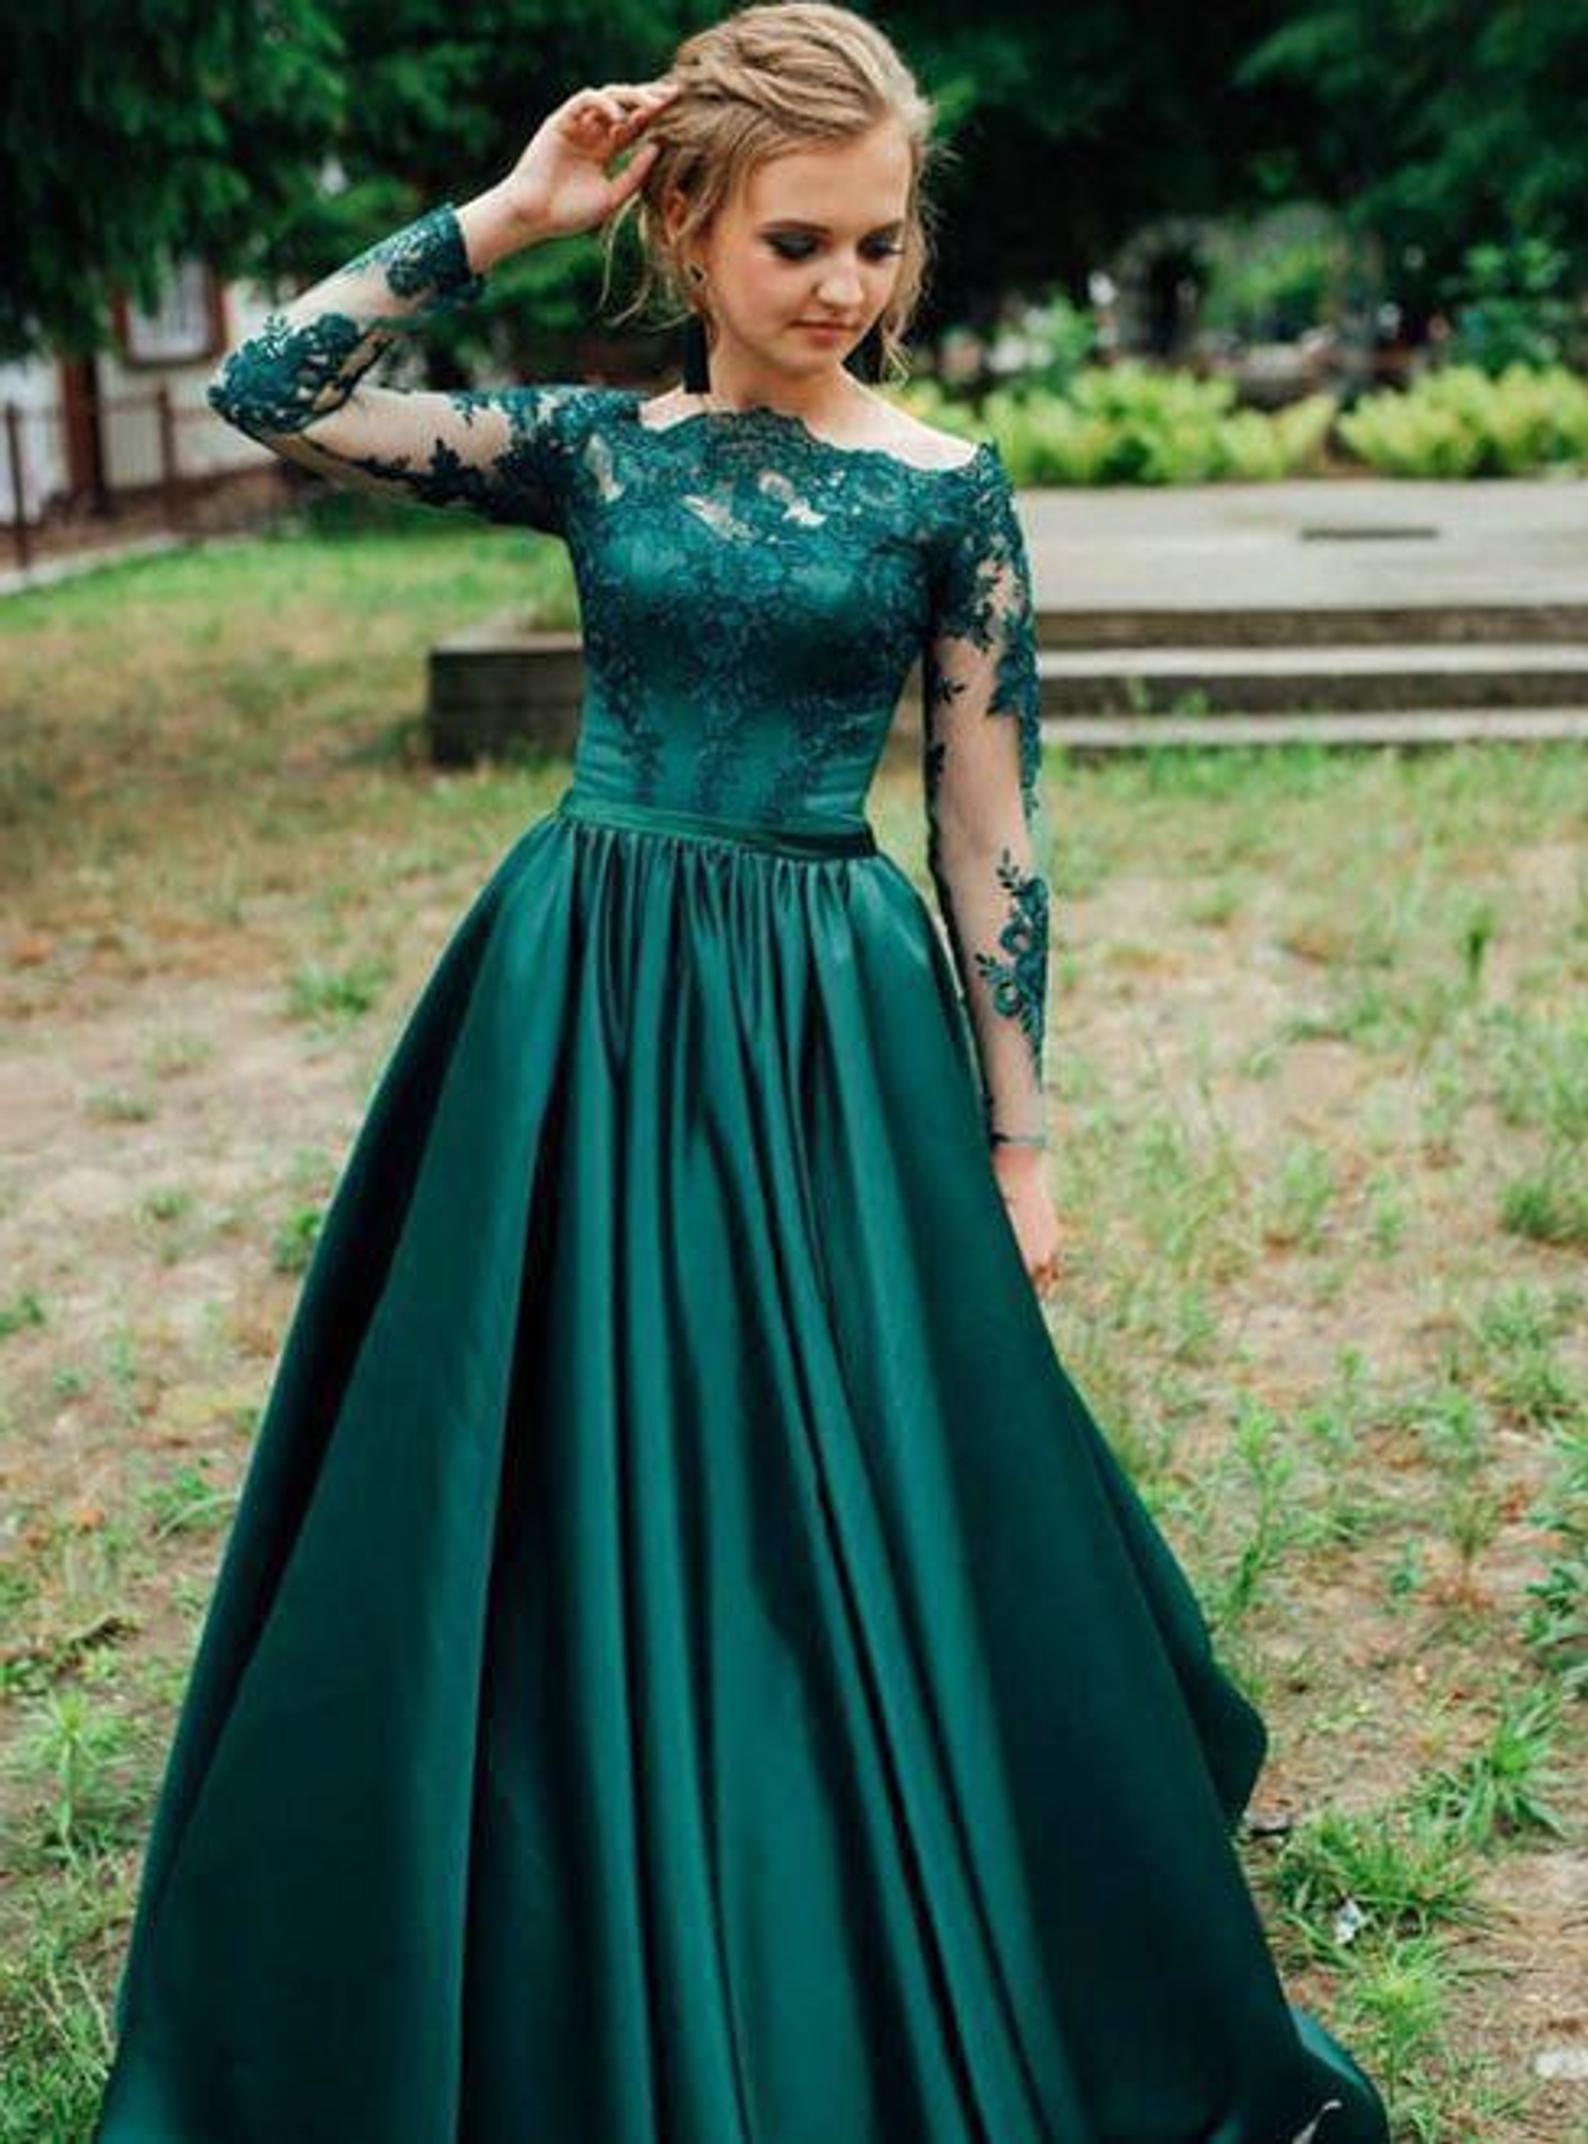 Green Ball Gown Prom Dress Green Wedding Dress Wedding Etsy In 2021 Green Prom Dress Long Prom Dresses Long With Sleeves Long Sleeve Prom Dress Lace [ 2144 x 1588 Pixel ]